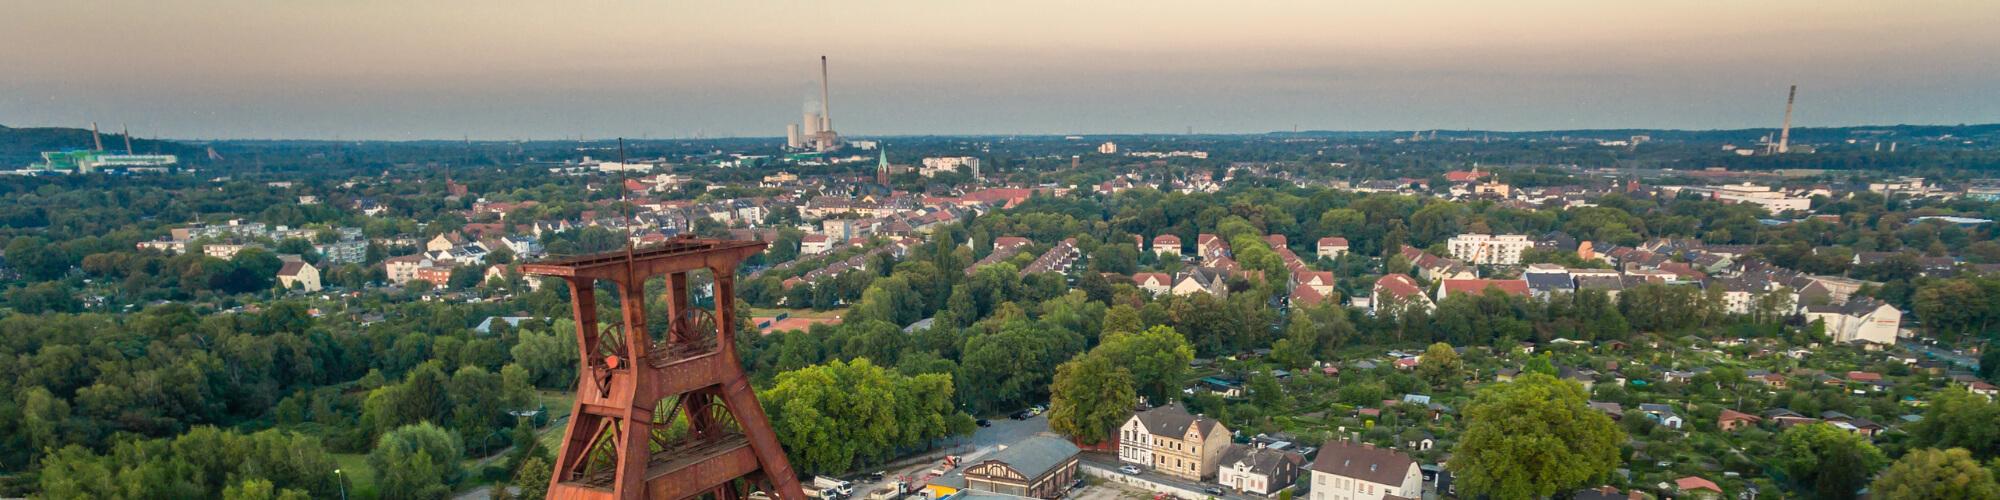 Immobilien-Tippgeber freuen sich über 400 Euro